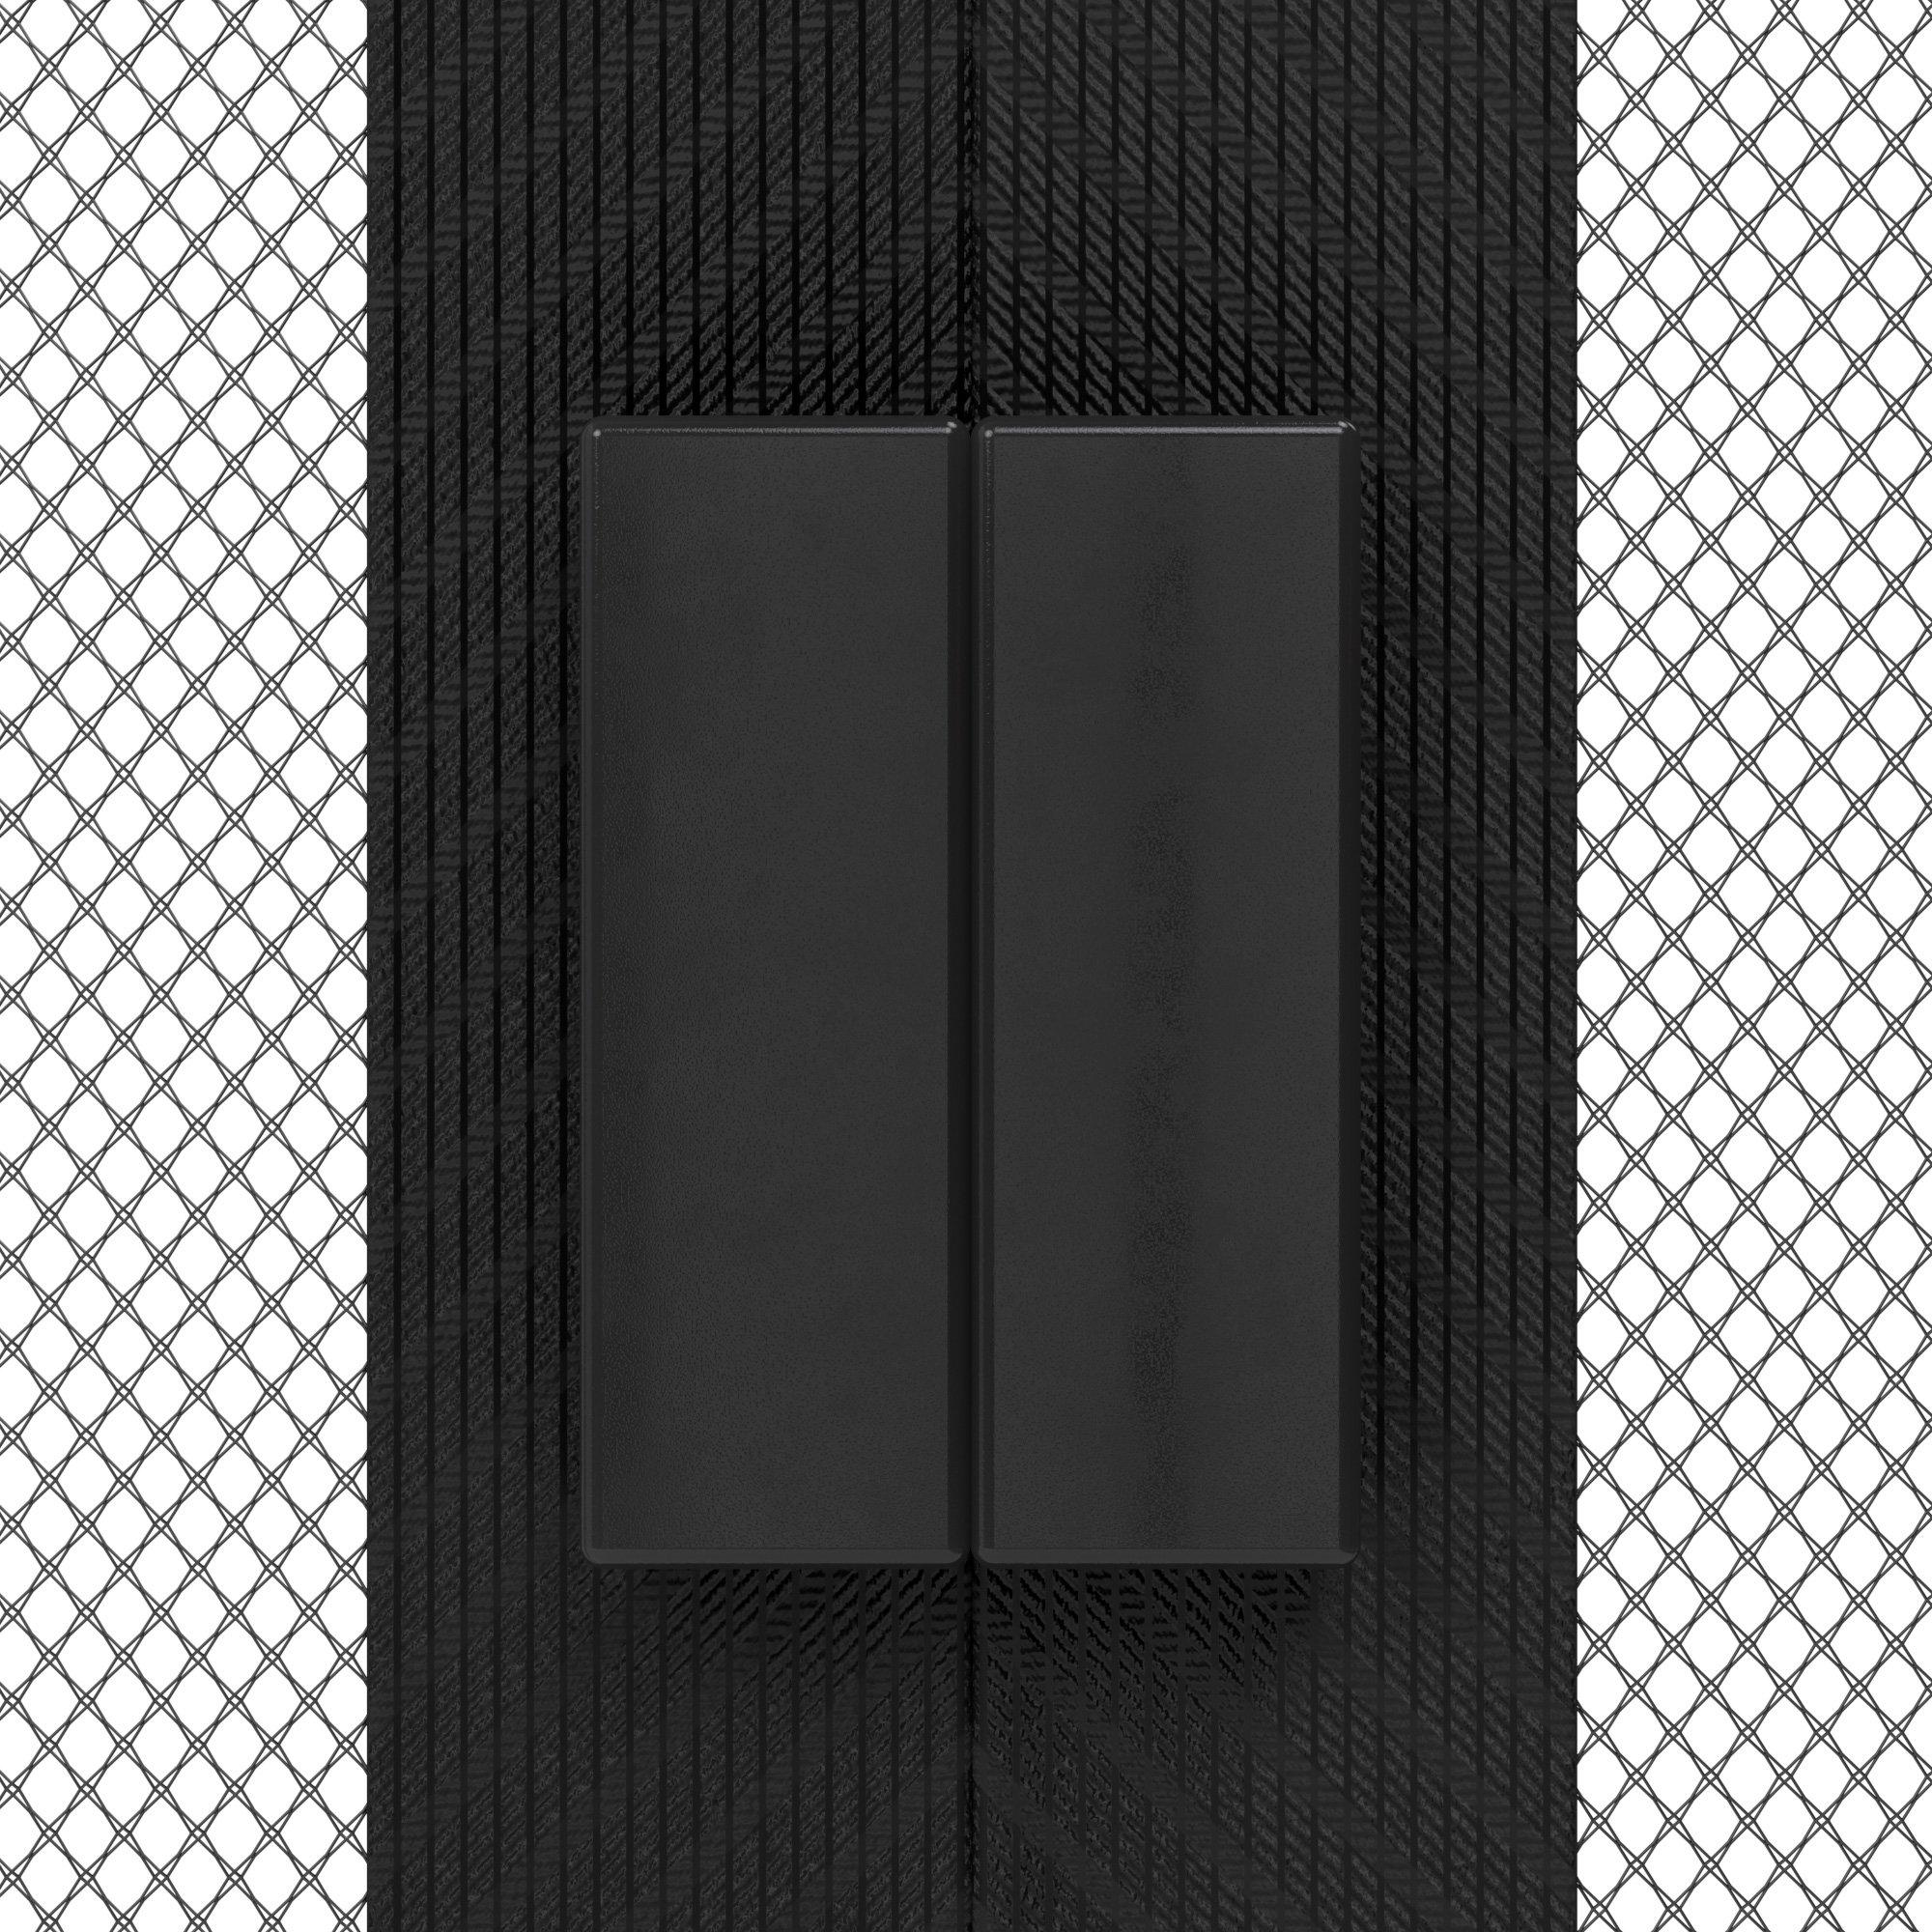 Full Size of Fliegengitter Magnetvorhnge Fr Tren Für Fenster Maßanfertigung Magnettafel Küche Wohnzimmer Fliegengitter Magnet